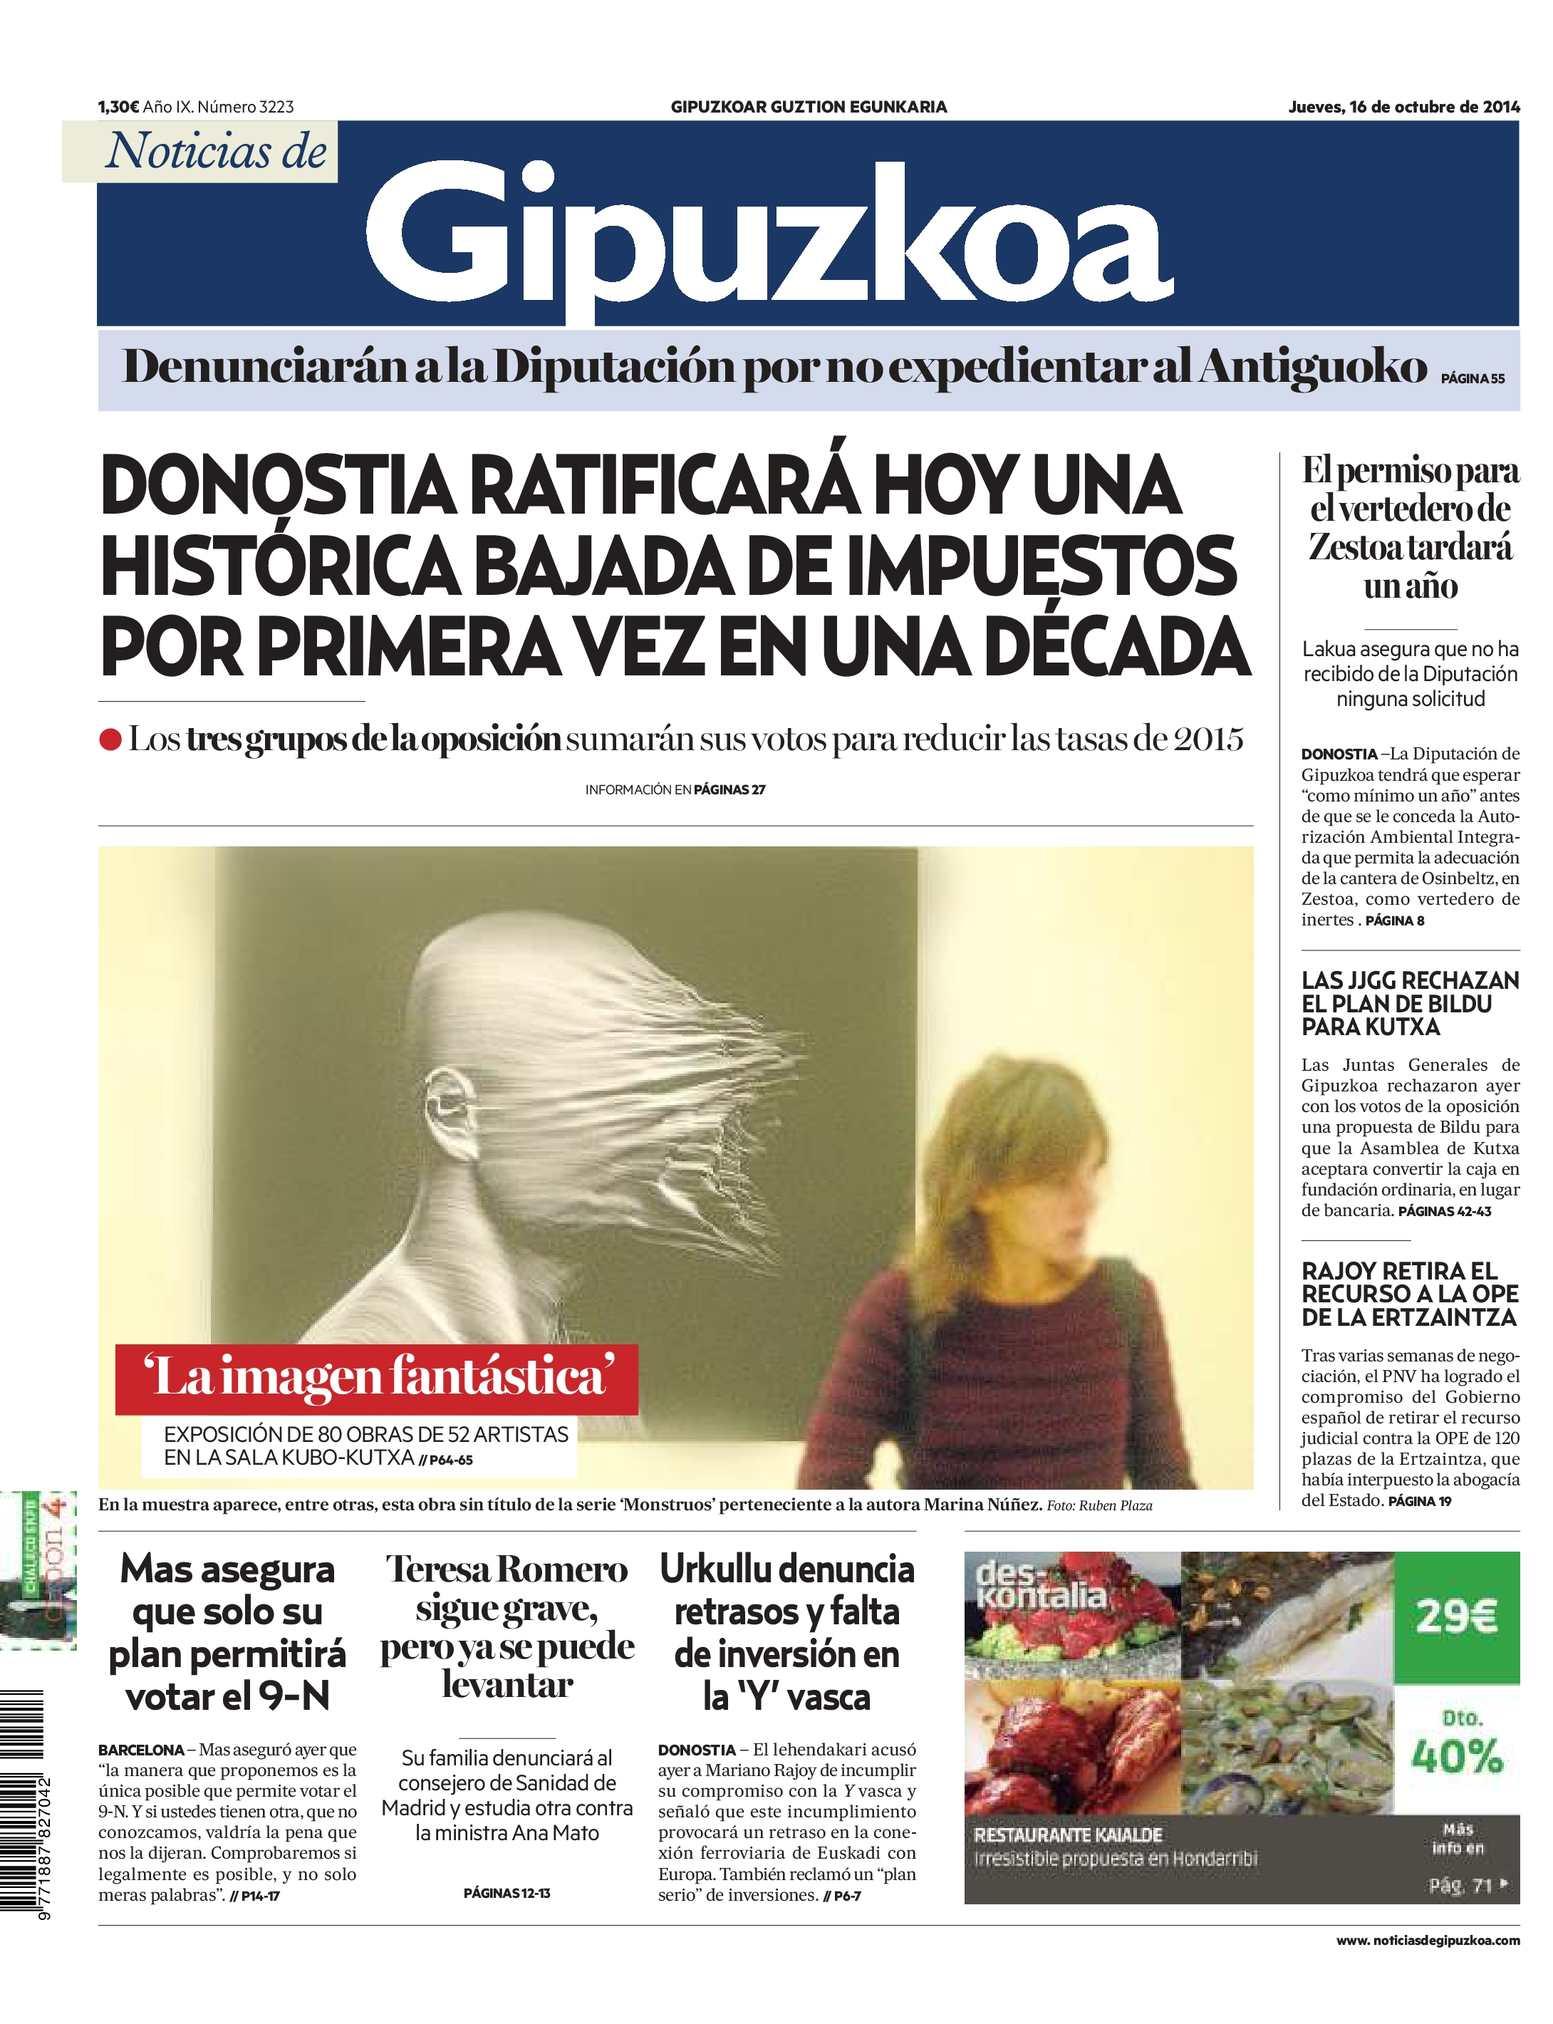 Calaméo - Noticias de Gipuzkoa 20141016